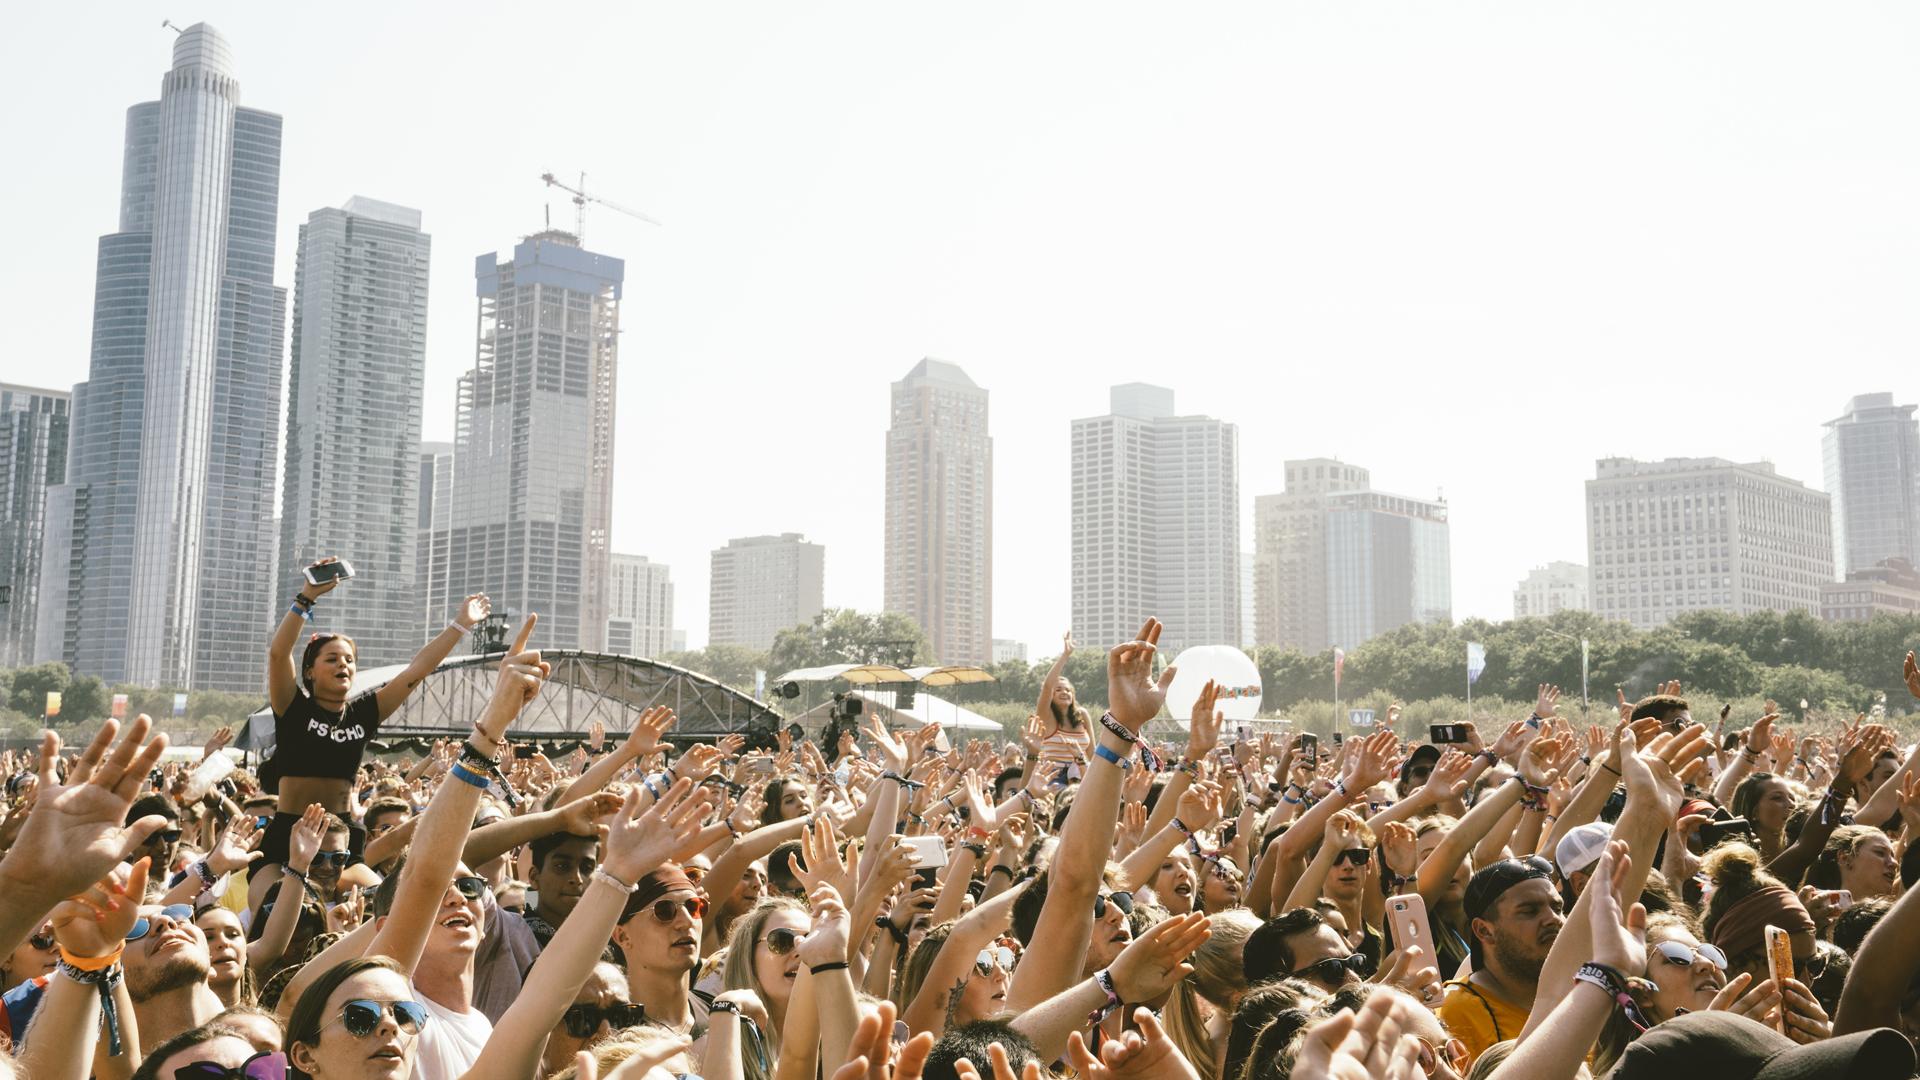 La fiesta siguió en el tercer día del festival. Una multitud vivió el Lollapalooza debajo de un sol radiante.